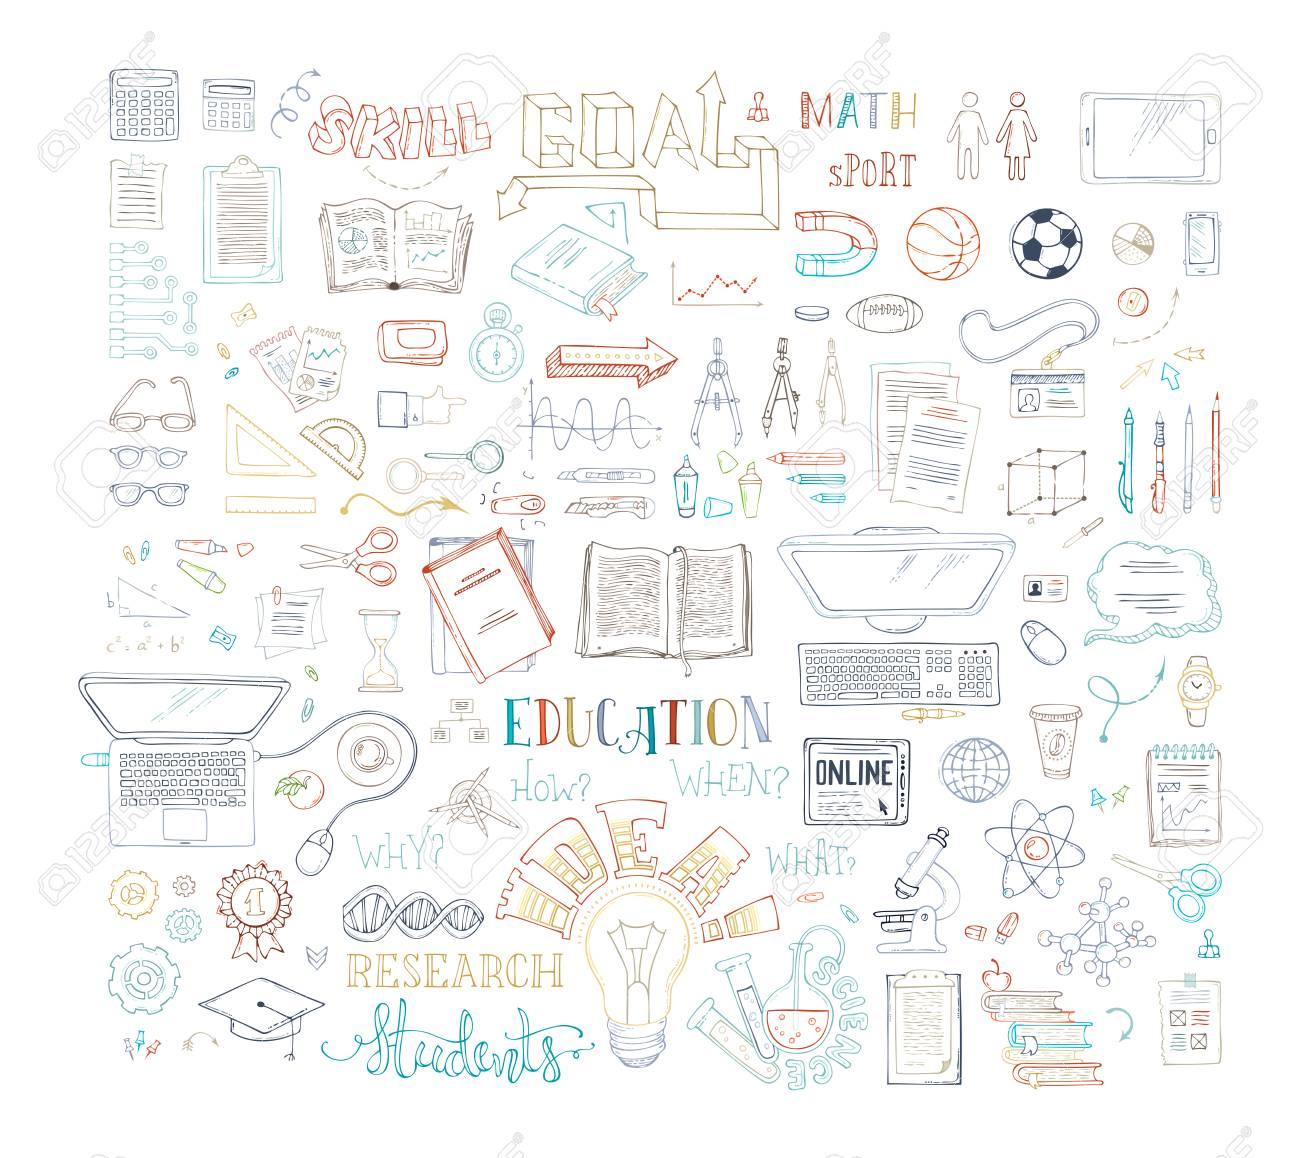 Science, mathématiques, laboratoire, chimie, physique, symboles et éléments  de recherche. Adn, molécules, éprouvettes, microscope, articles de bureau,  ...